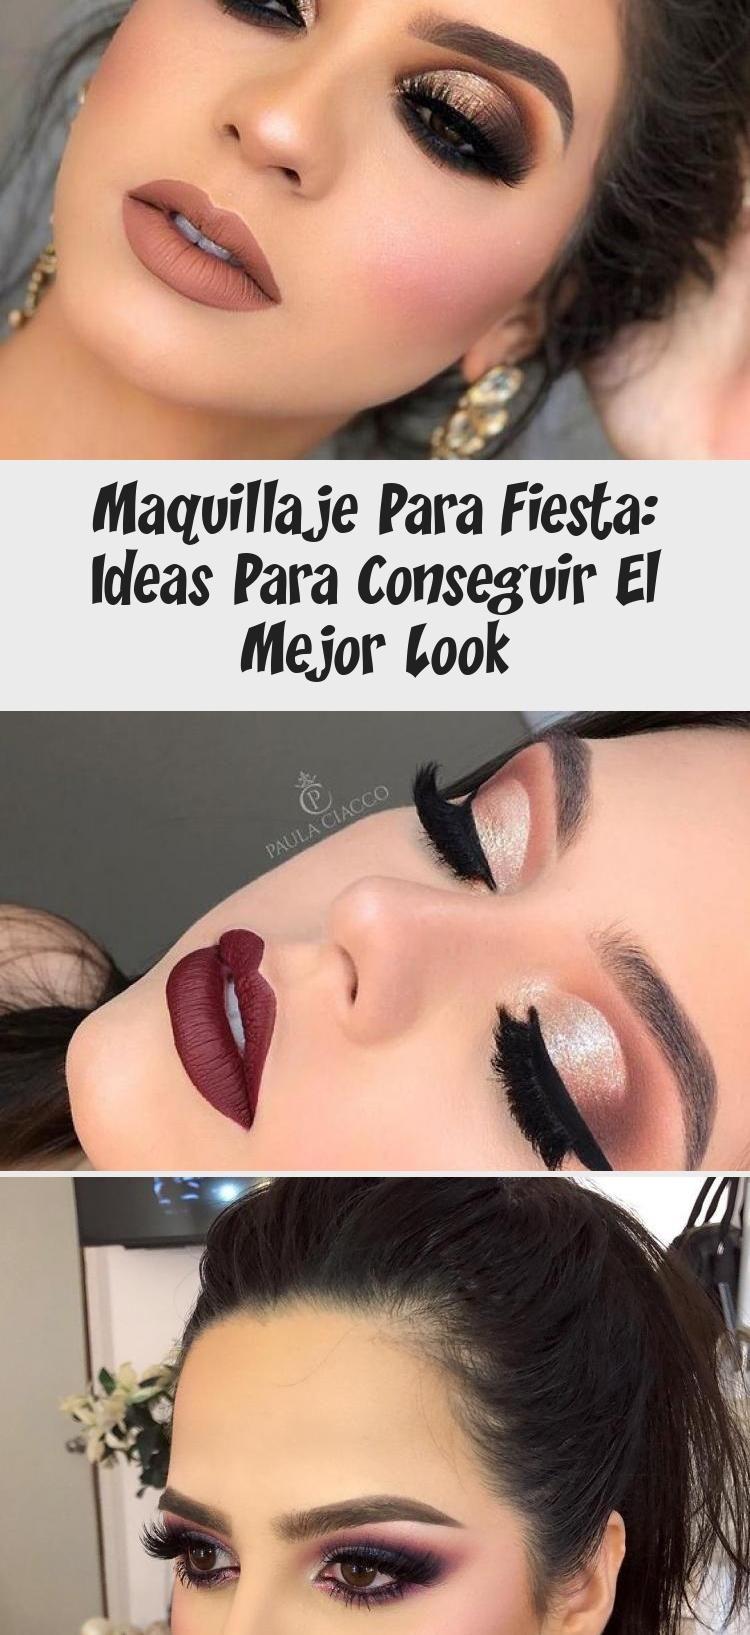 Maquillaje Para Fiesta Ideas Para Conseguir El Mejor Look Natural Makeup Makeup